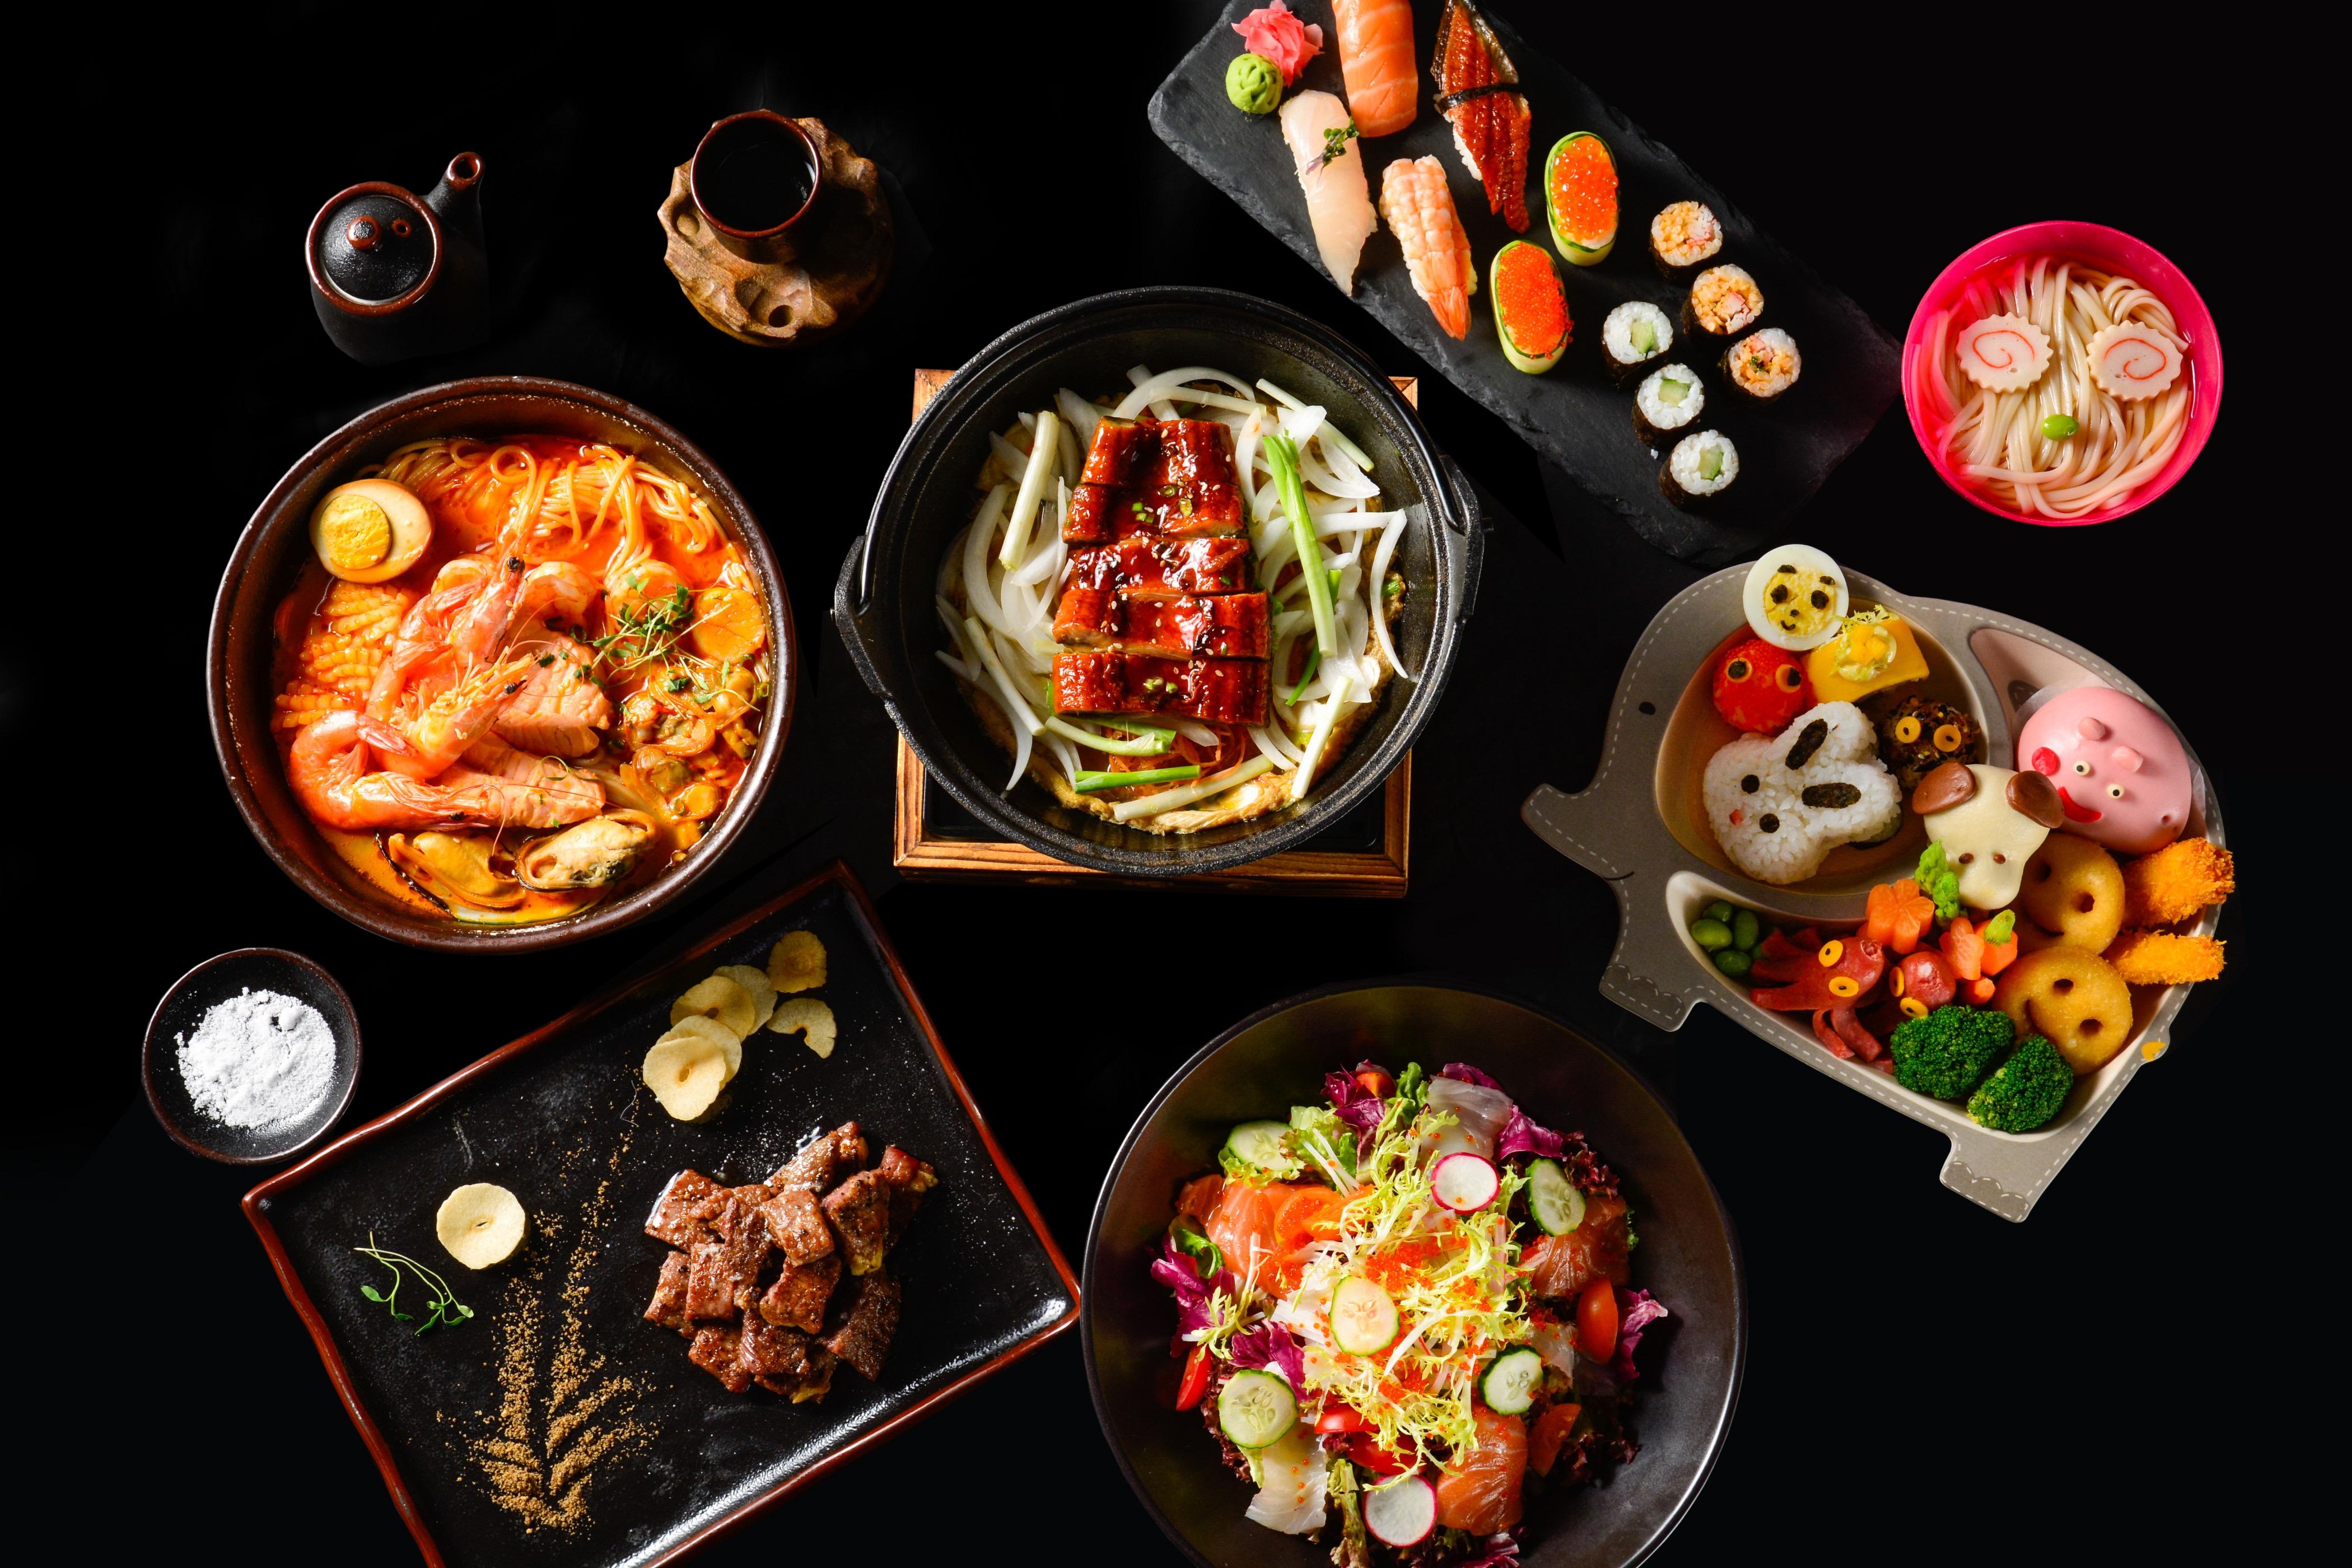 食游日本——金茂深圳JW万豪酒店超值套餐